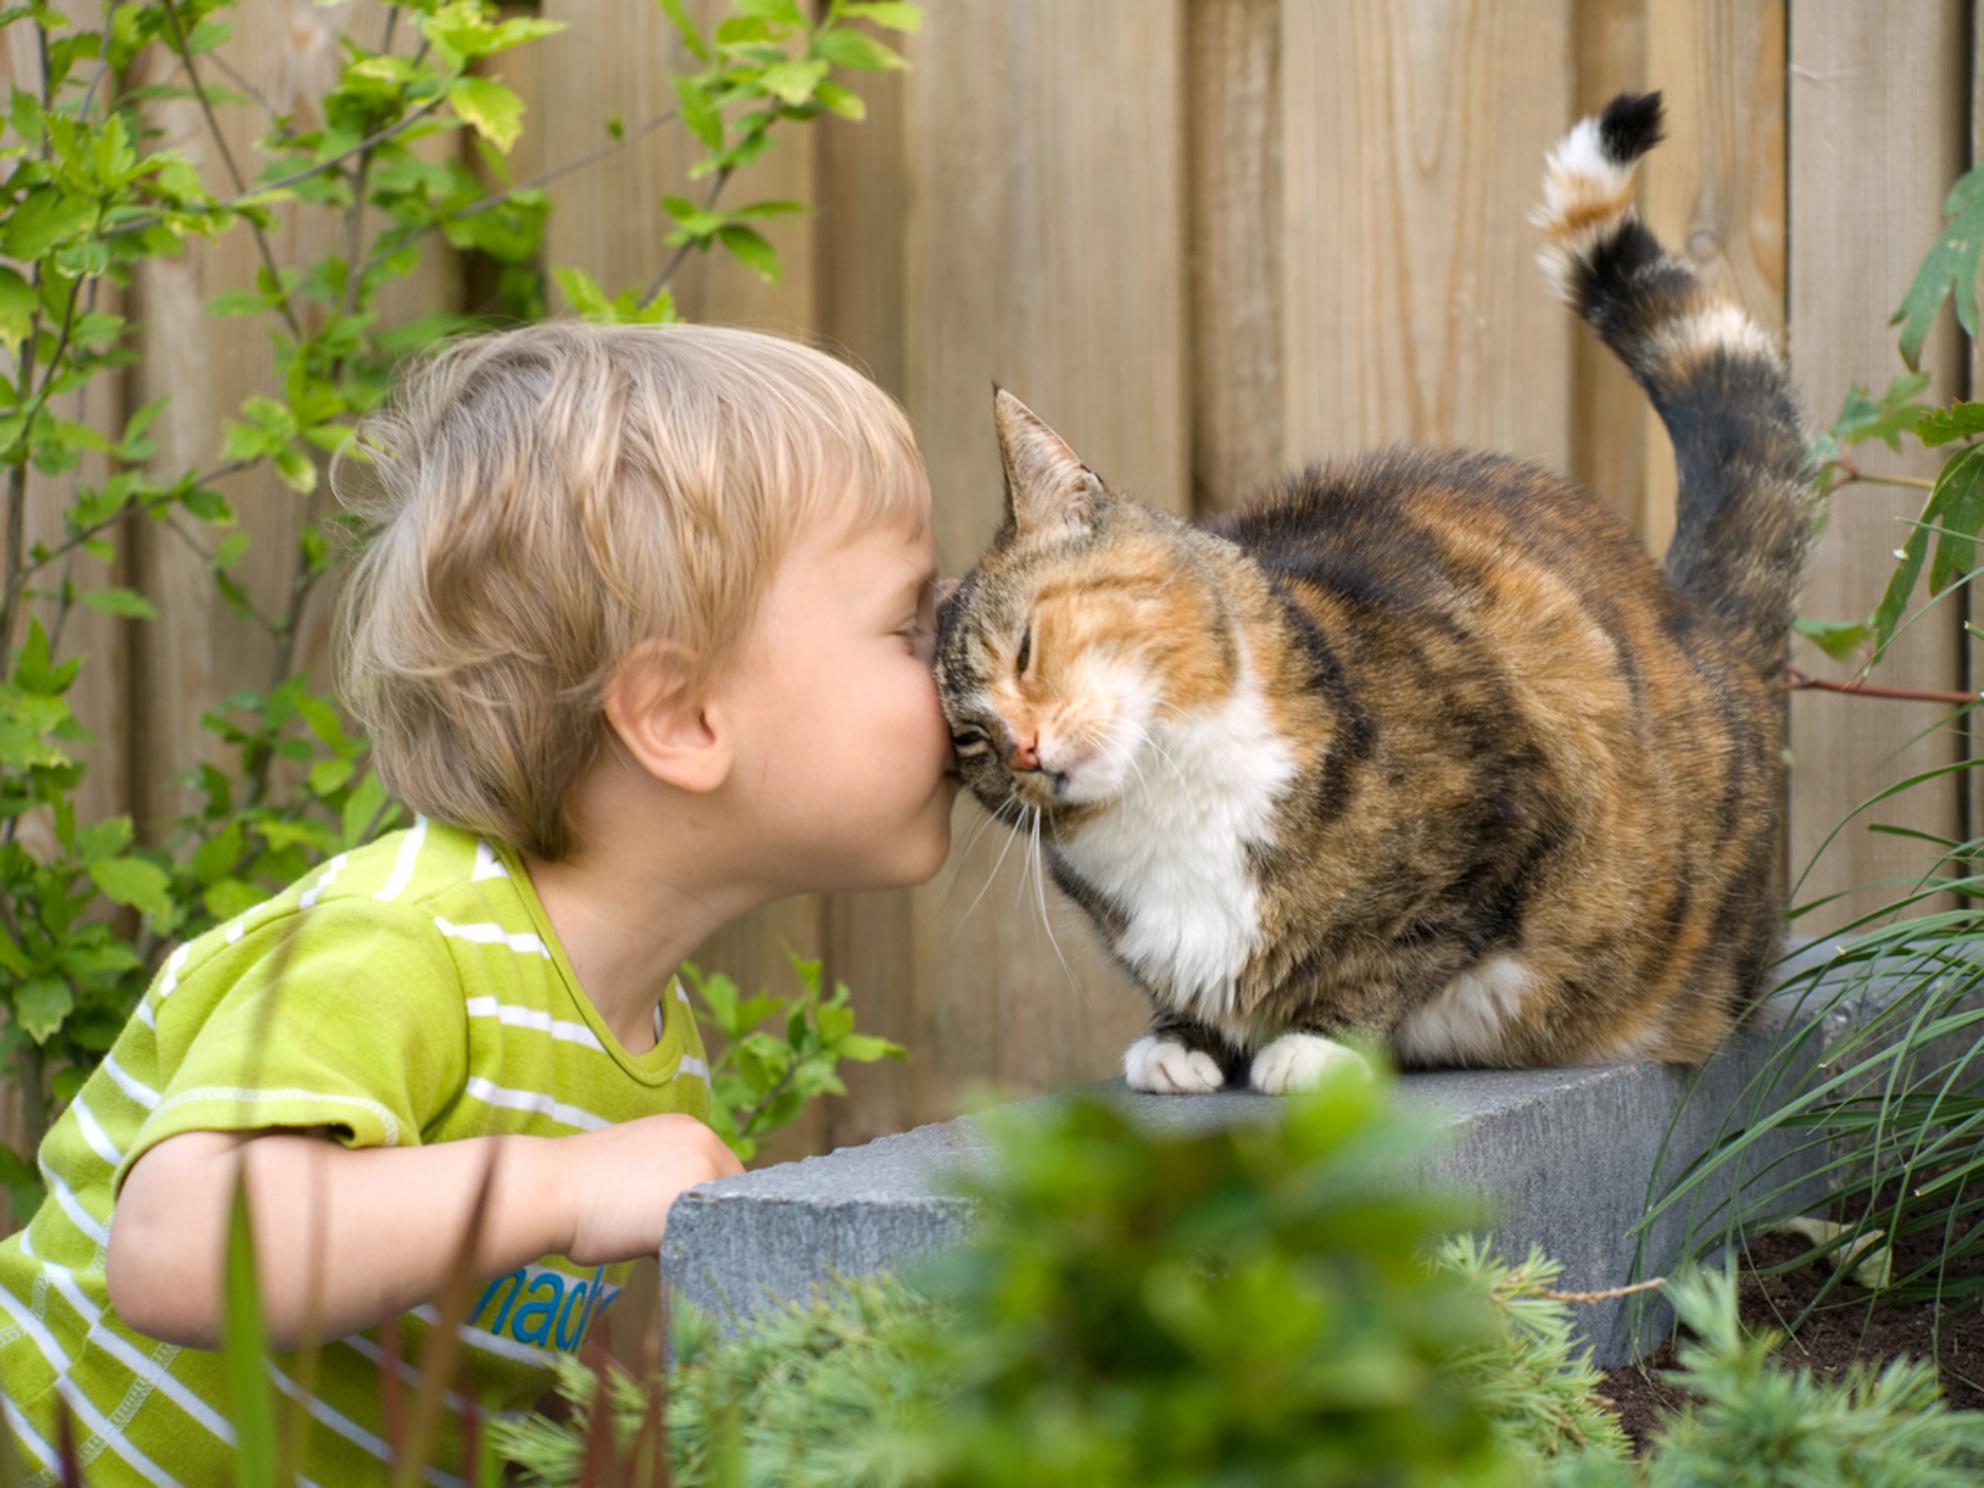 Onvoorwaardelijke Vriendschap - Mijn jongste zoon was de hele dag al lief aan het spelen met de kat (chica). Toen hij hem een kusje wilde geven, dacht Chica en ik geef hem maar een - foto door vasco1973 op 02-06-2009 - deze foto bevat: kat, kinderen, vriendschap